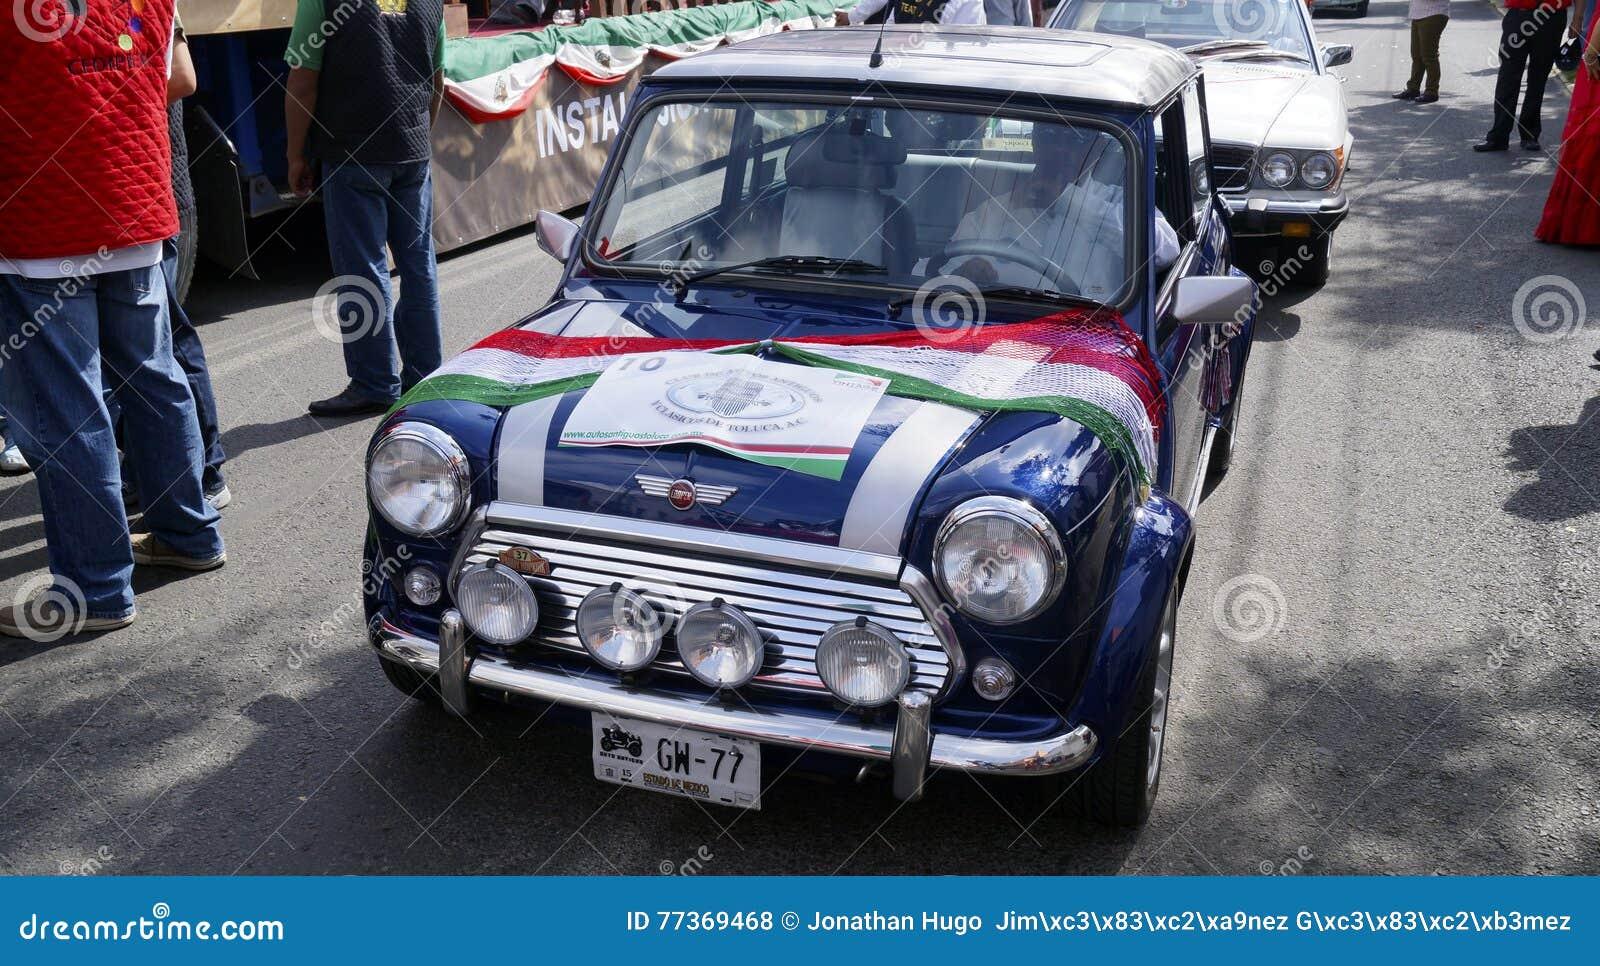 blue mini cooper model 1959 editorial stock photo image 77369468